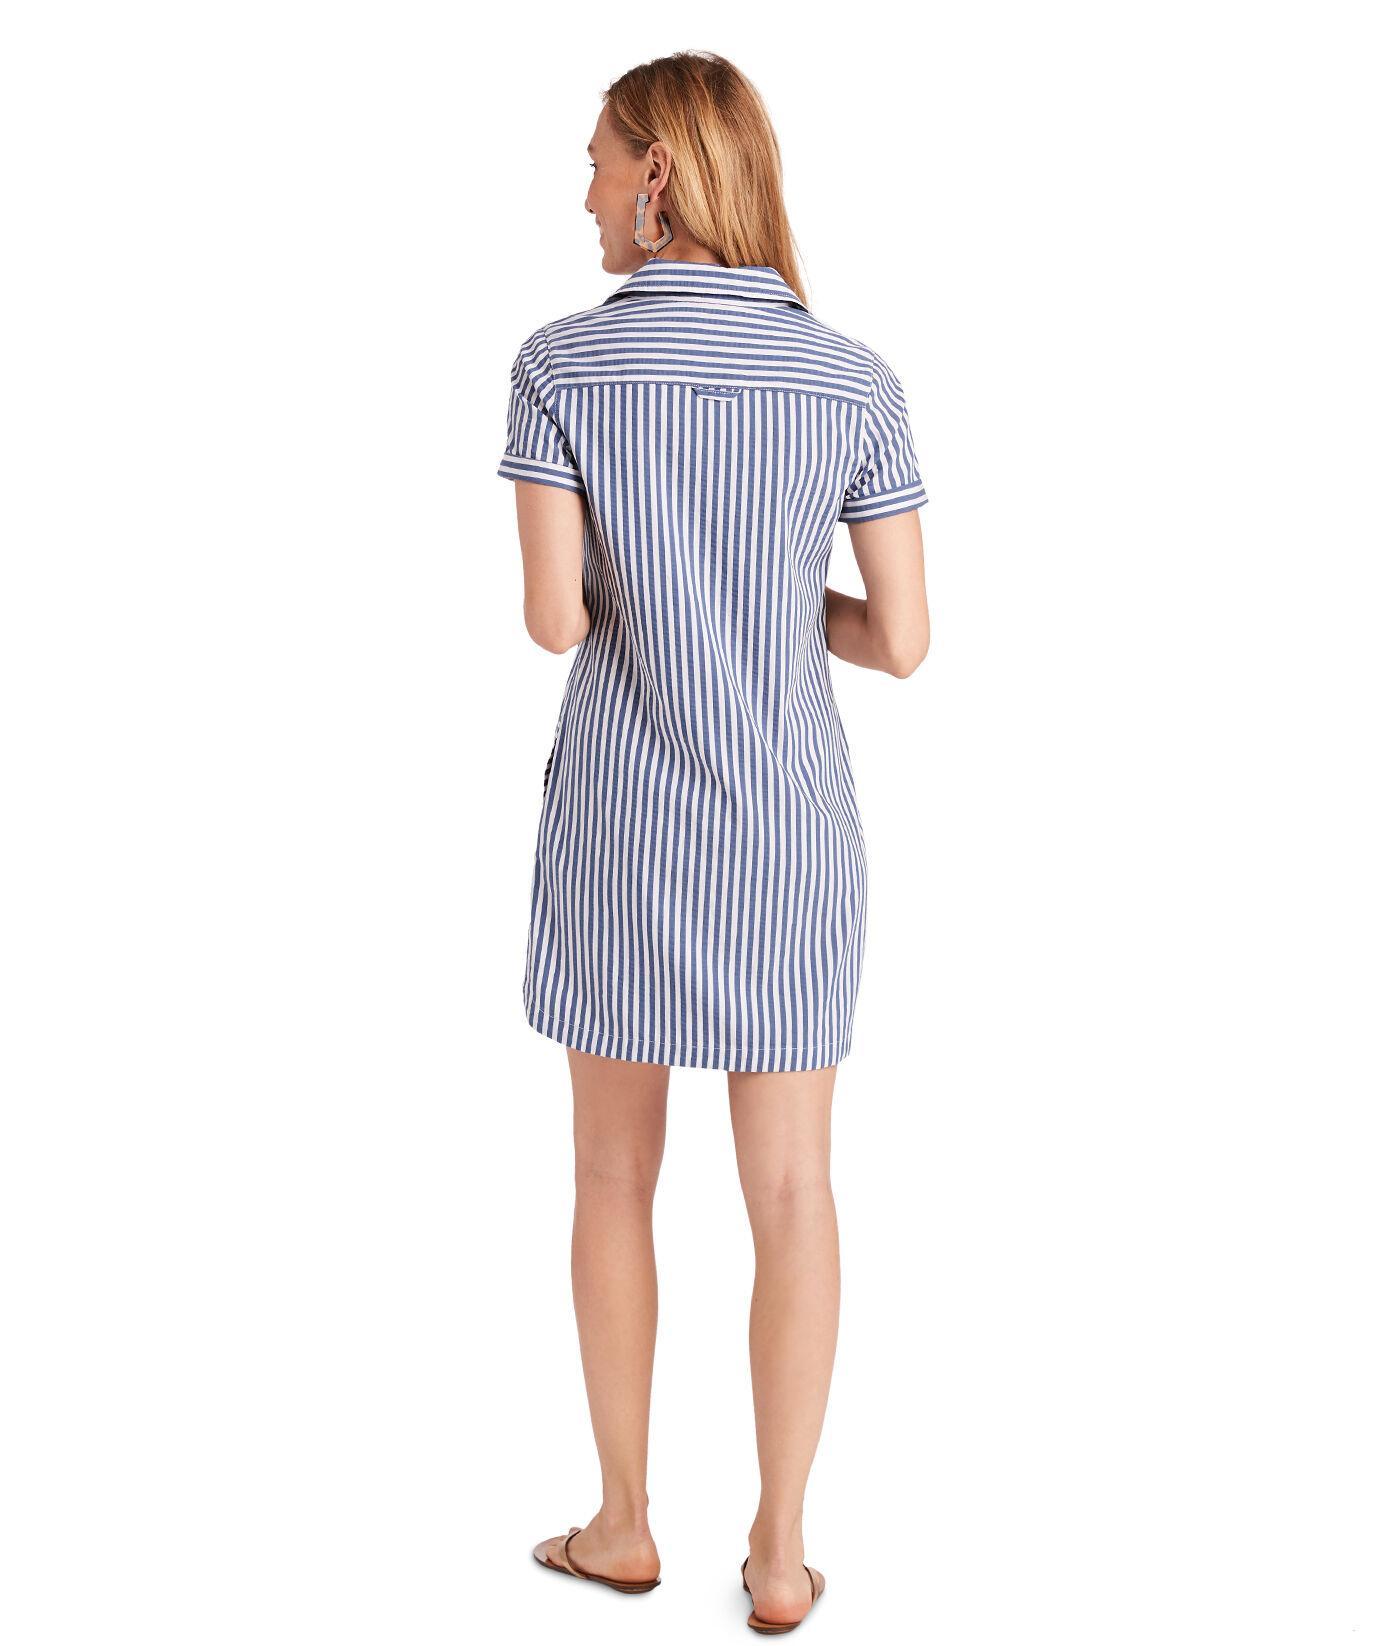 Vineyard Vines Cotton Margo Shore Seersucker Shirt Dress In Blue